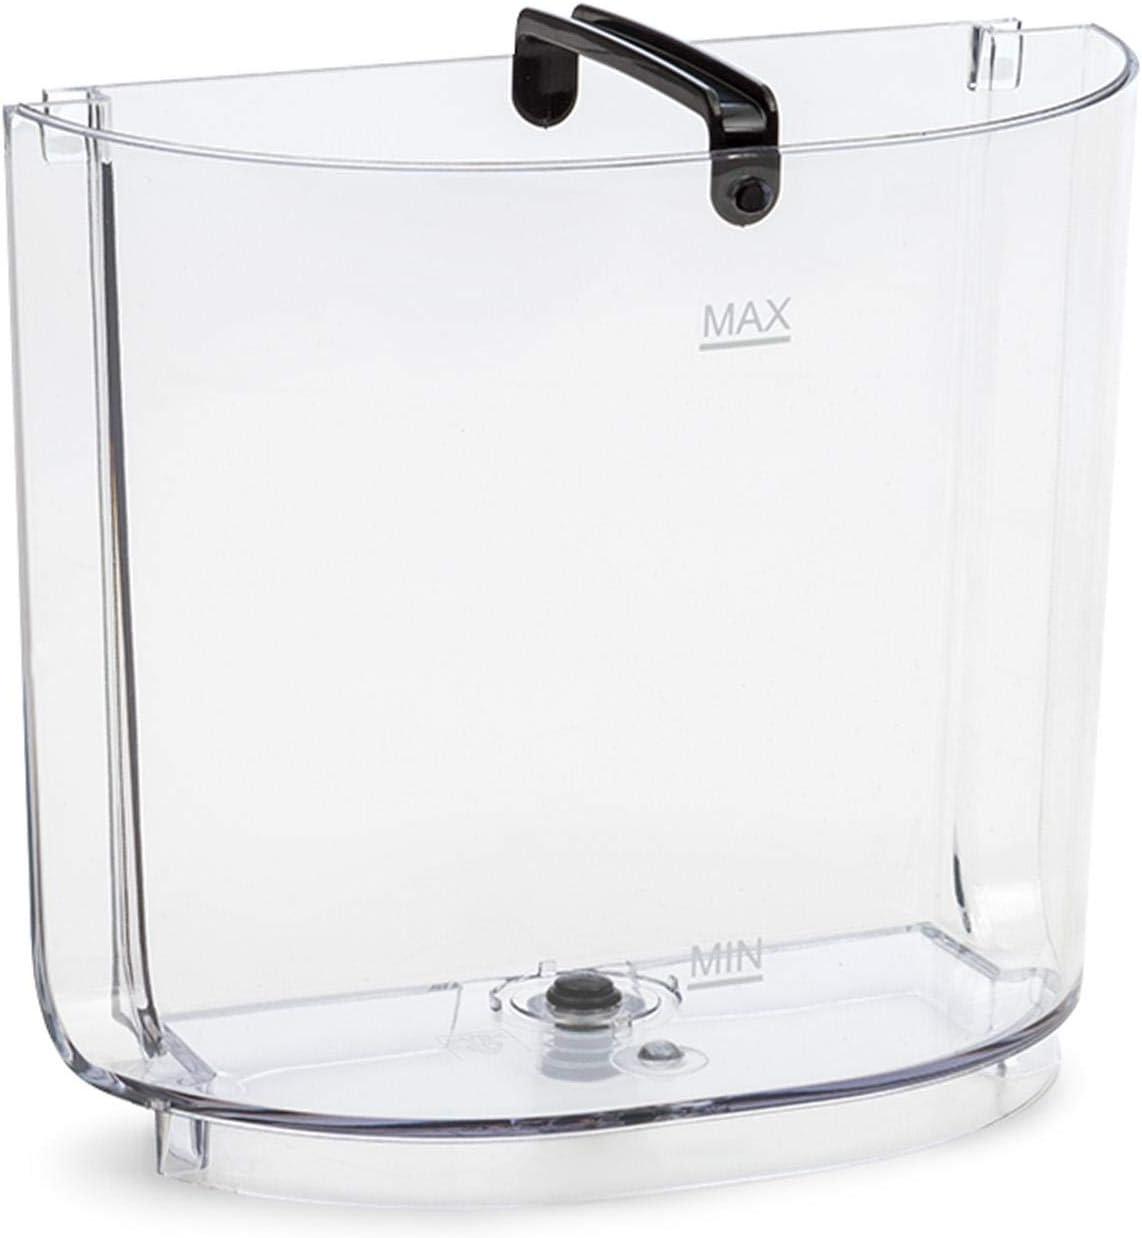 Klarstein BellaVita depósito de agua - Accesorio de recambio, 1,4 litros de capacidad, Hecho enteramente de plástico: Amazon.es: Hogar